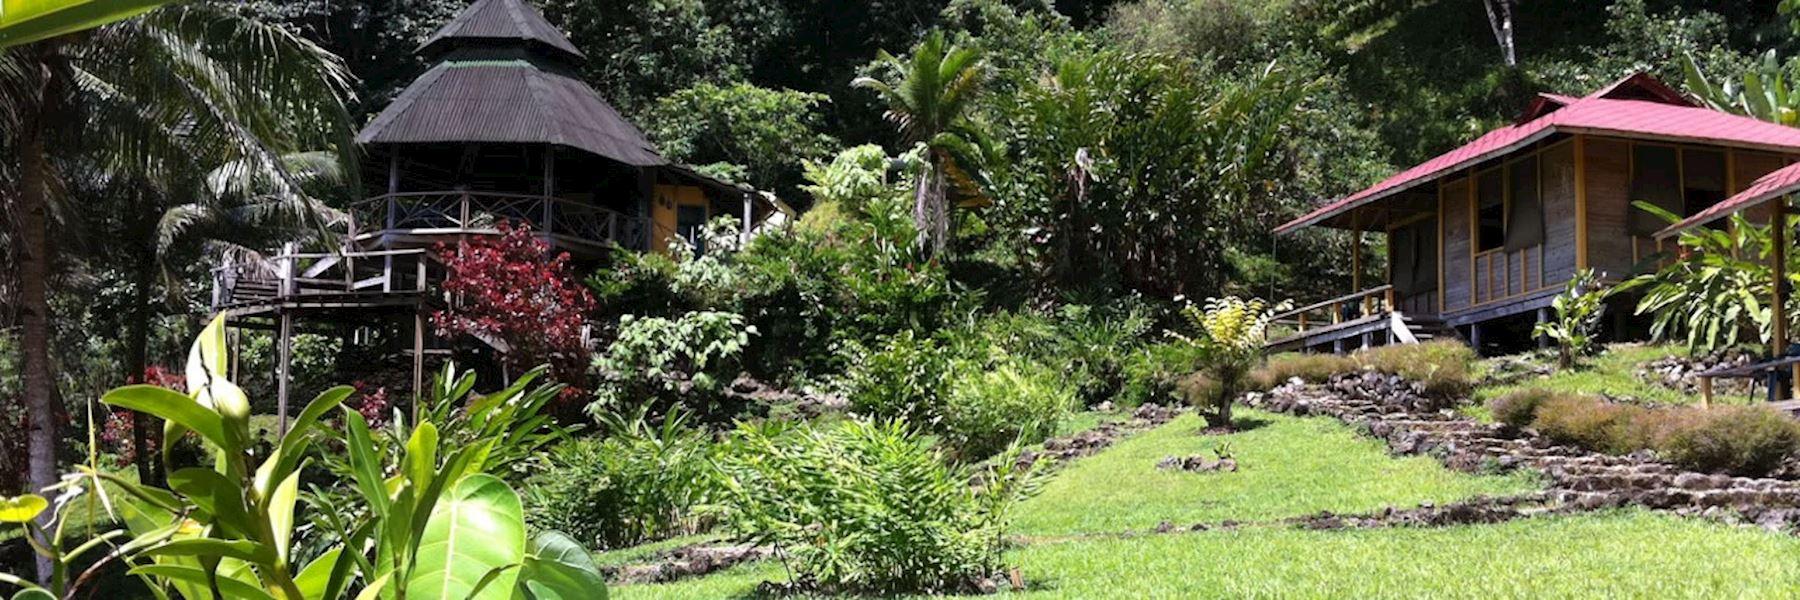 El Cantil Eco Lodge